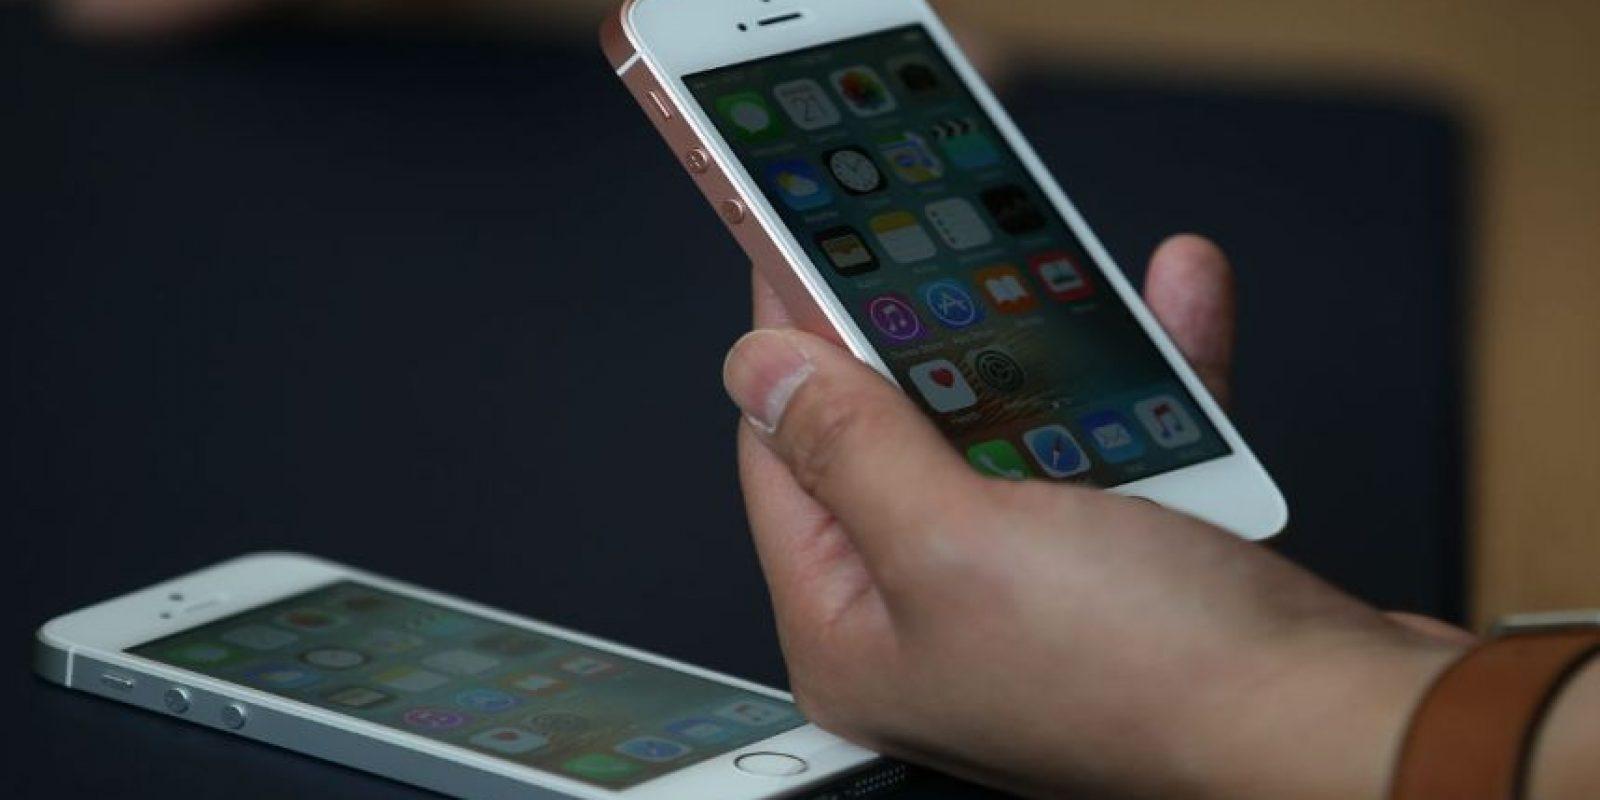 Los iPhone son los teléfonos más vendidos a nivel mundial. Foto:Getty Images